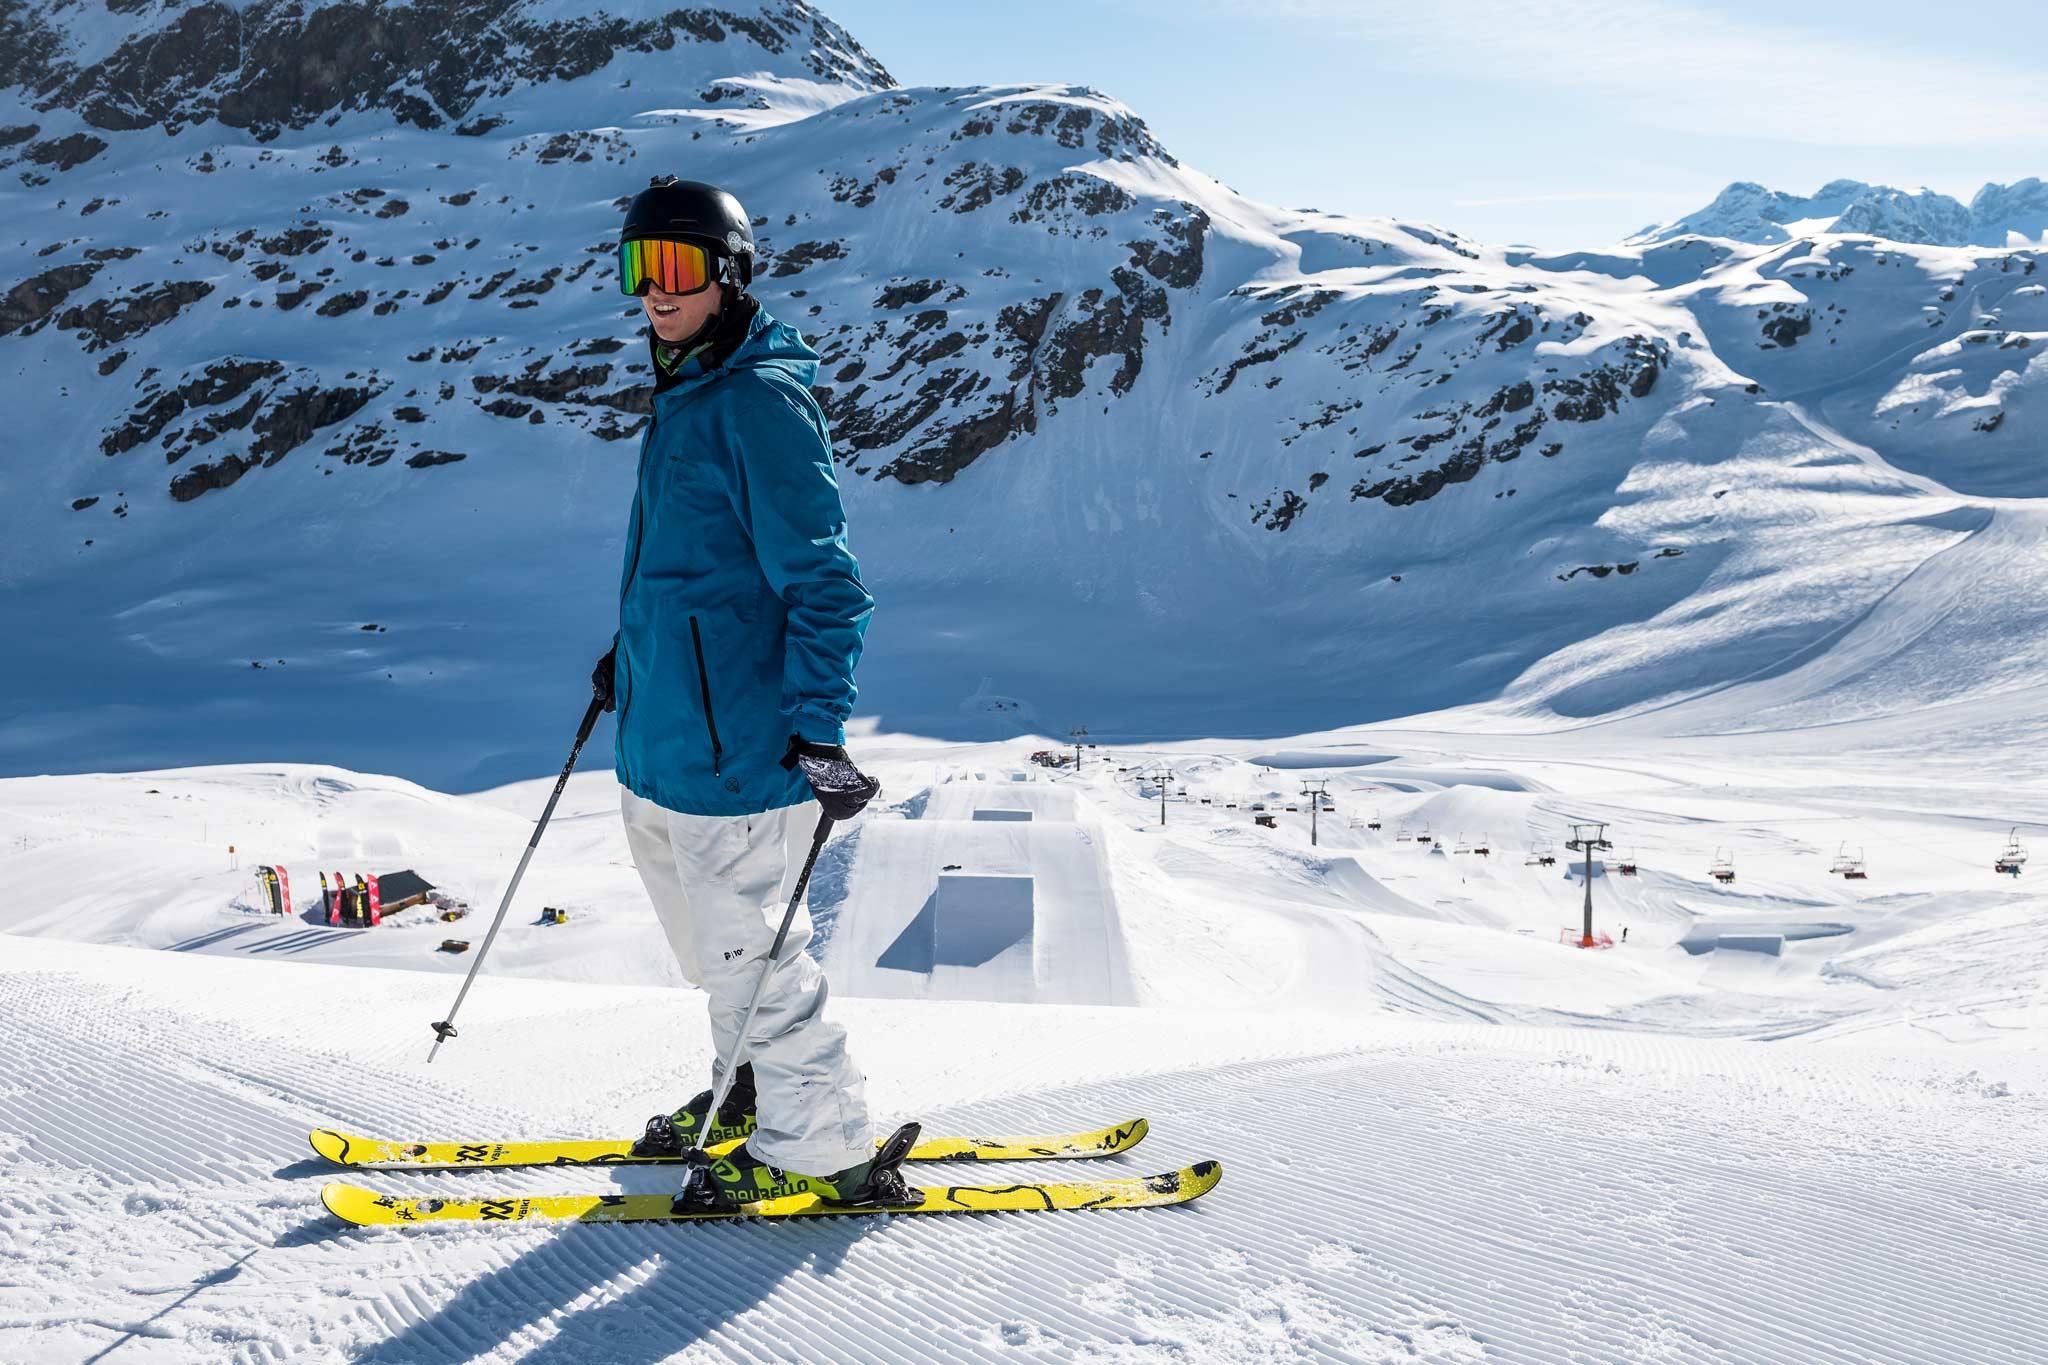 Durch Snowfarming stellt das Team sicher, dass genug Schnee für das massive Setup der Progression Days 2020 vorhanden ist. - Rider: Andri Ragettli (SUI) - Foto: Pally Learmond